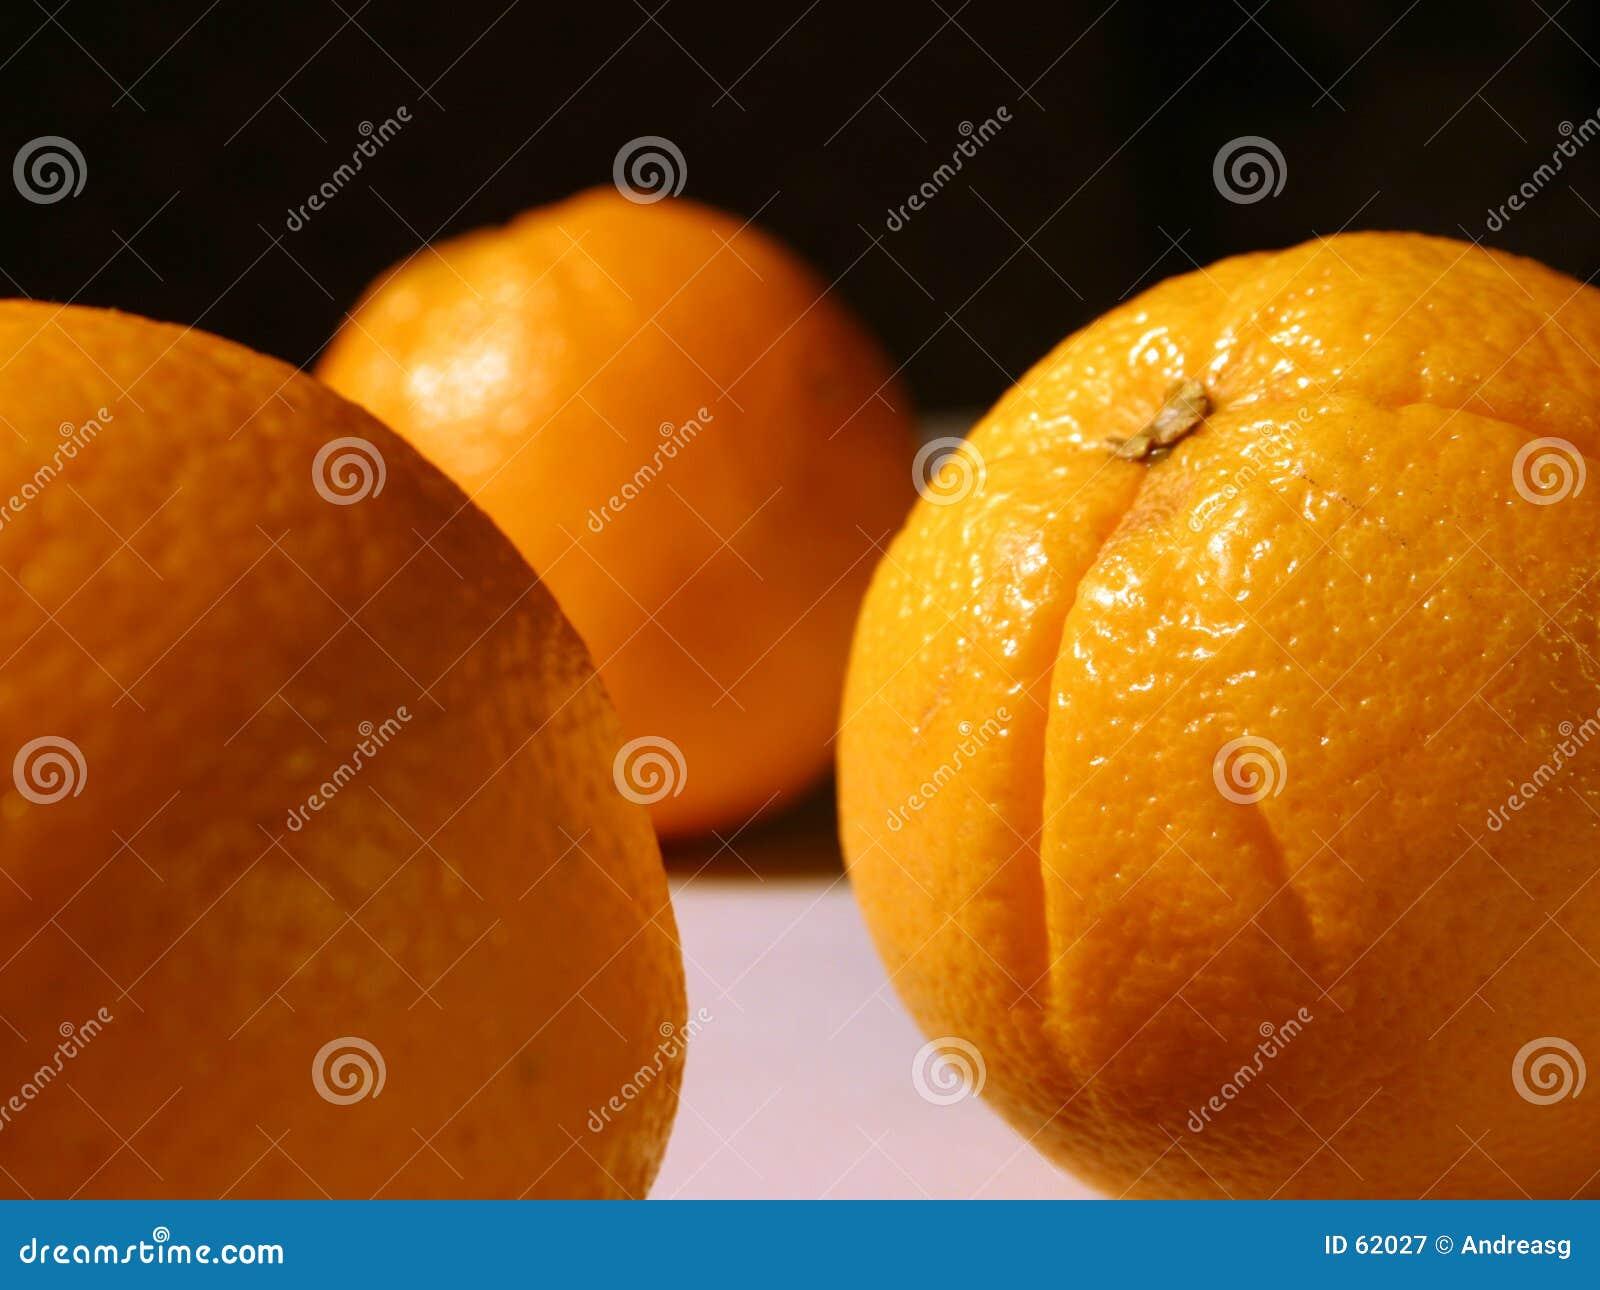 Between oranges